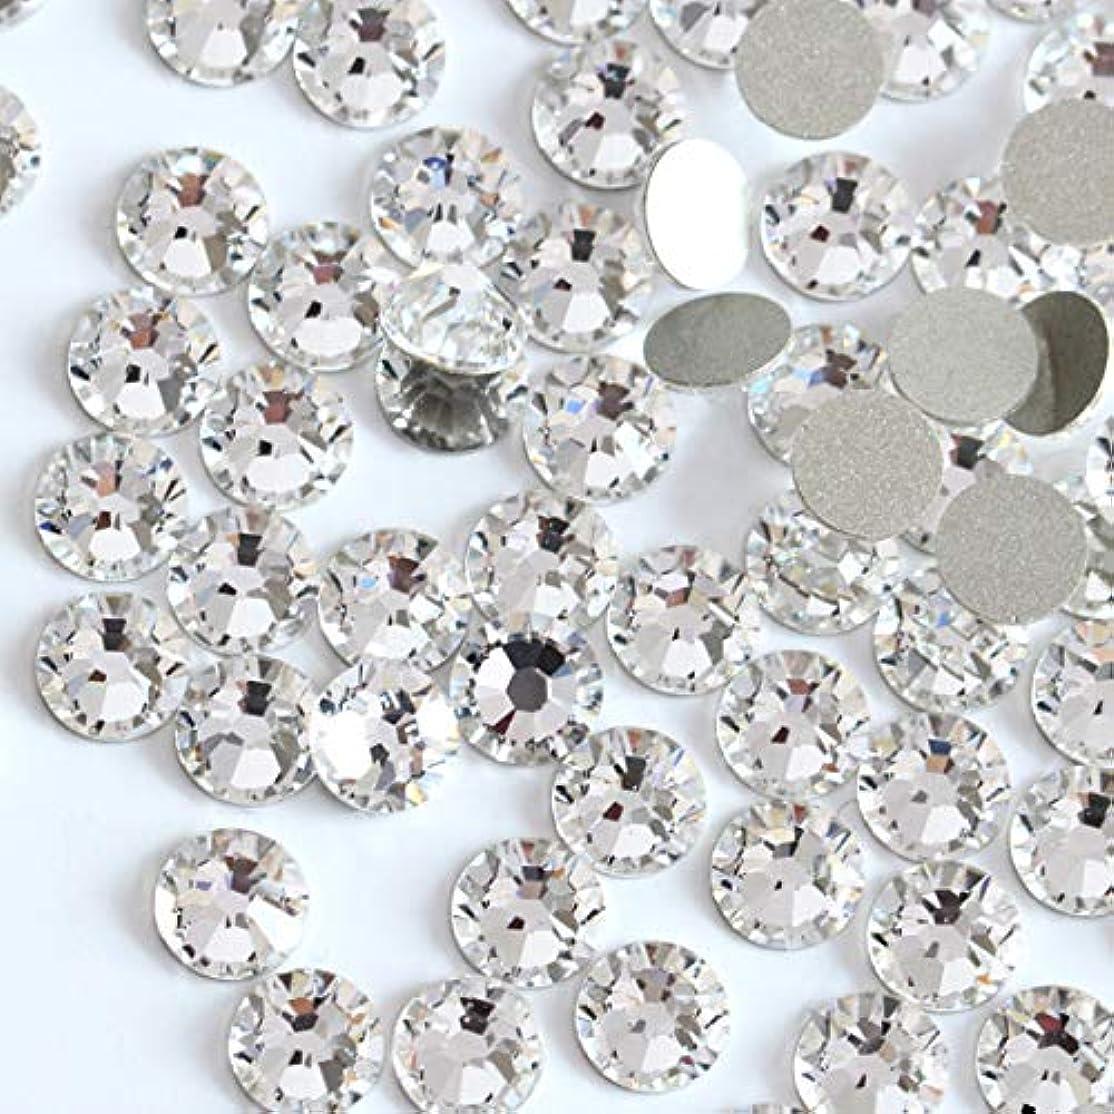 石鹸エレクトロニックイブ【ラインストーン77】高品質ガラス製ラインストーン クリスタル(4.7mm (SS20) 約120粒)